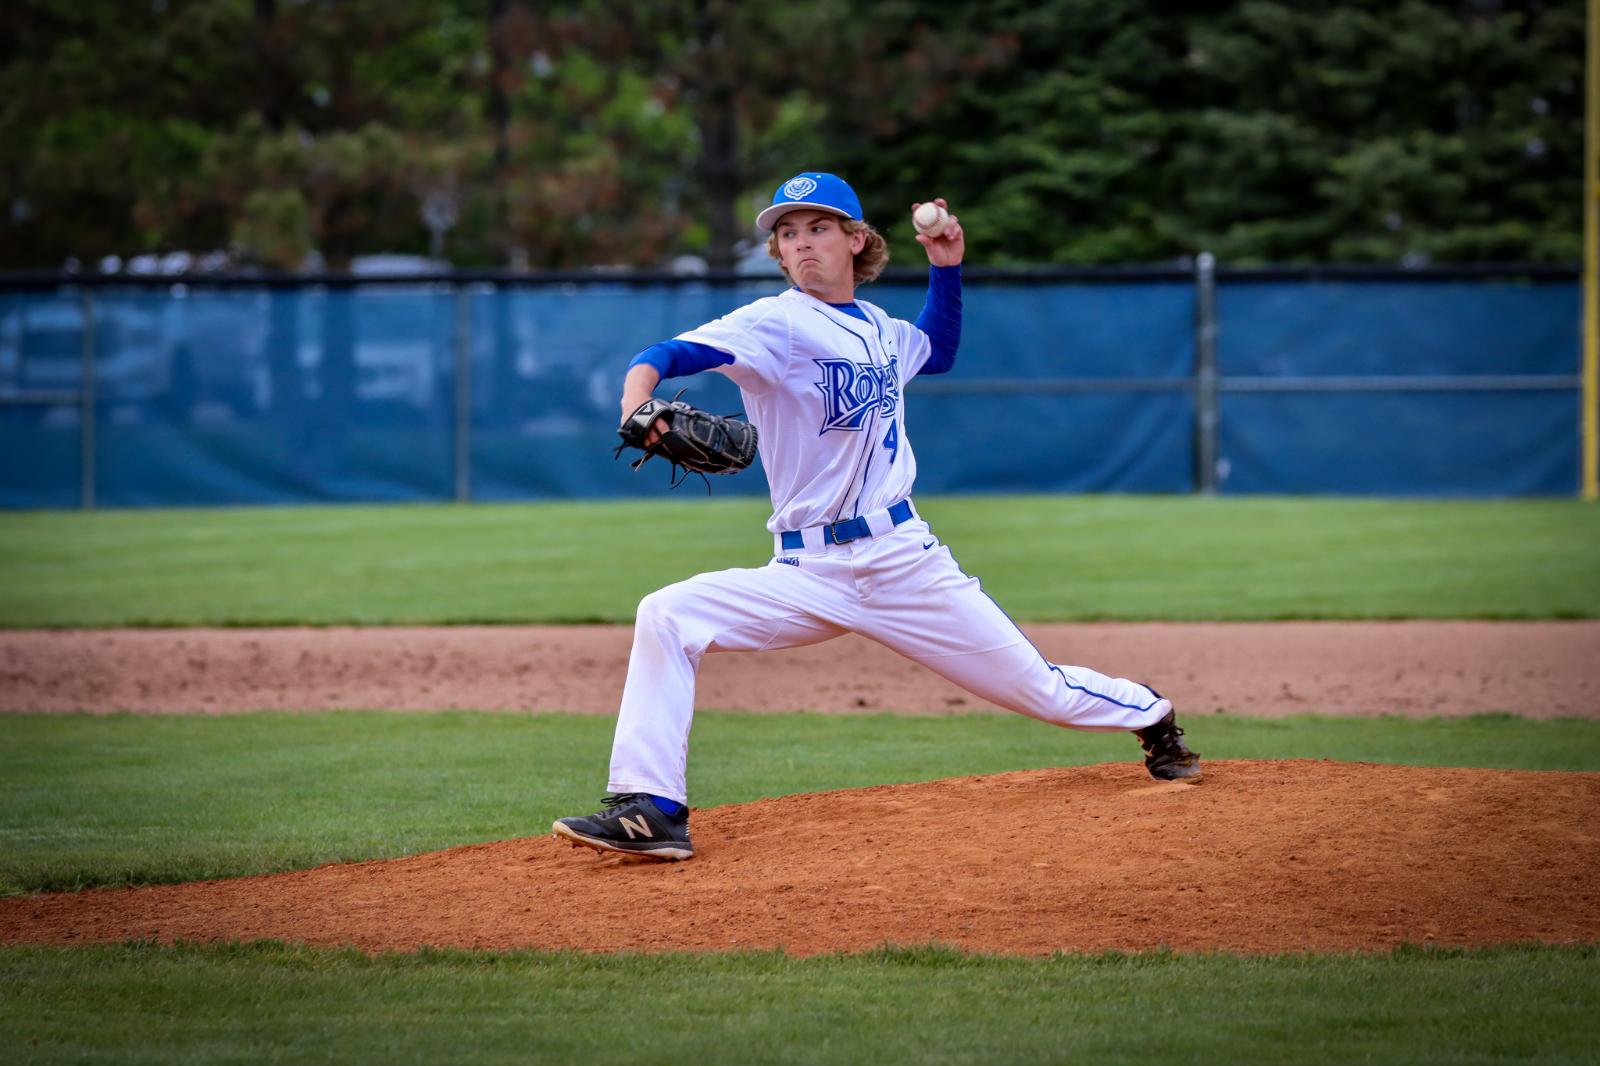 Varsity Baseball vs. Noblesville 5-10-21